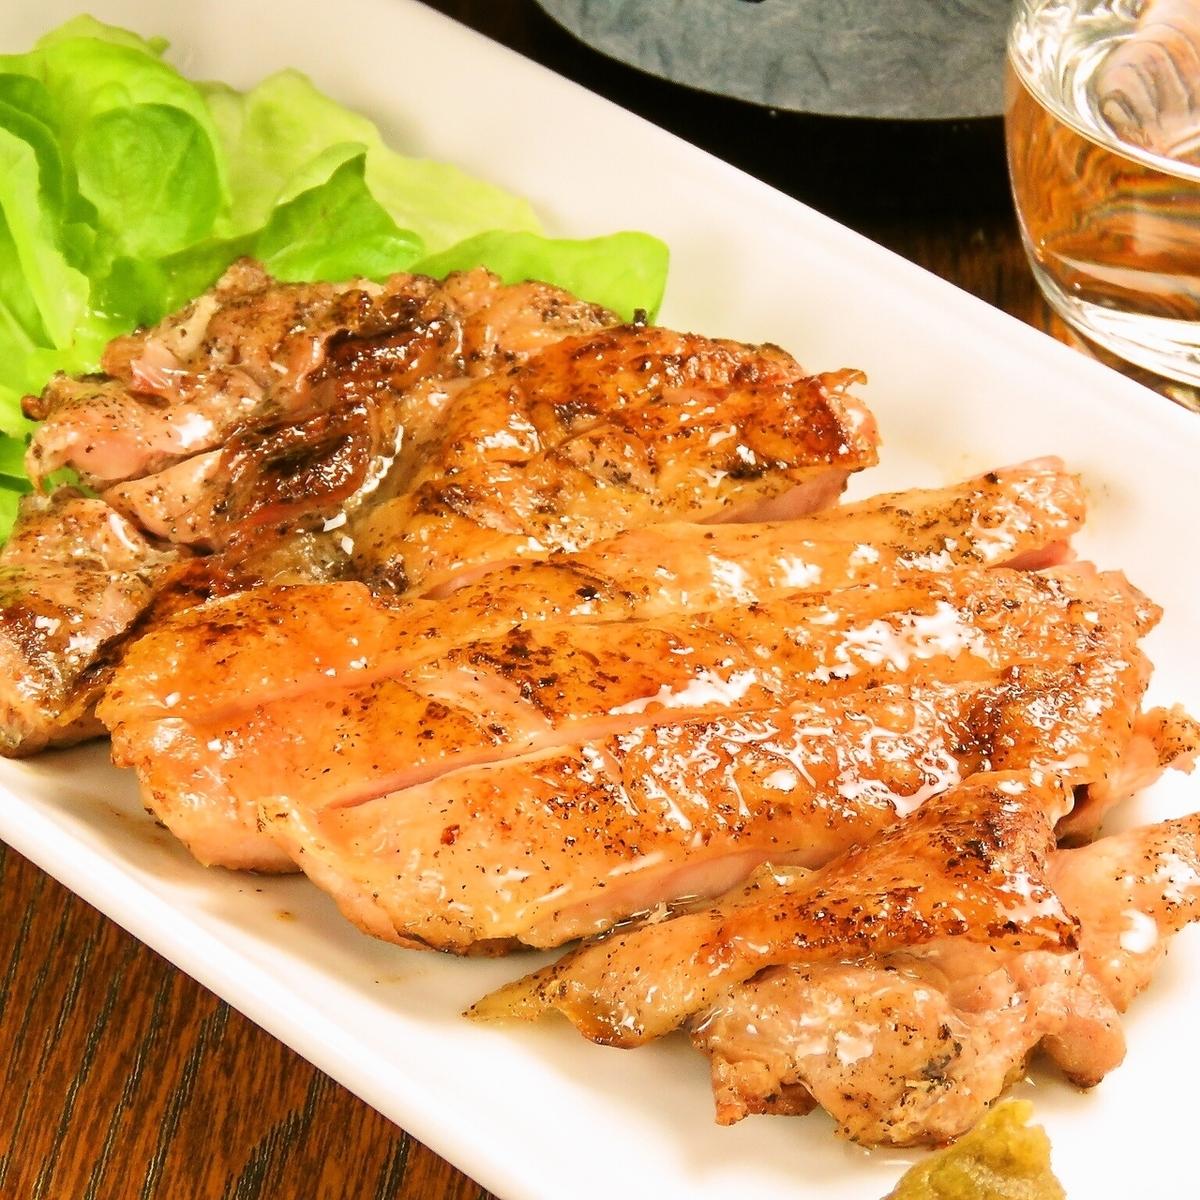 来自冲绳县的Yanbare幼鸡的木炭烧烤